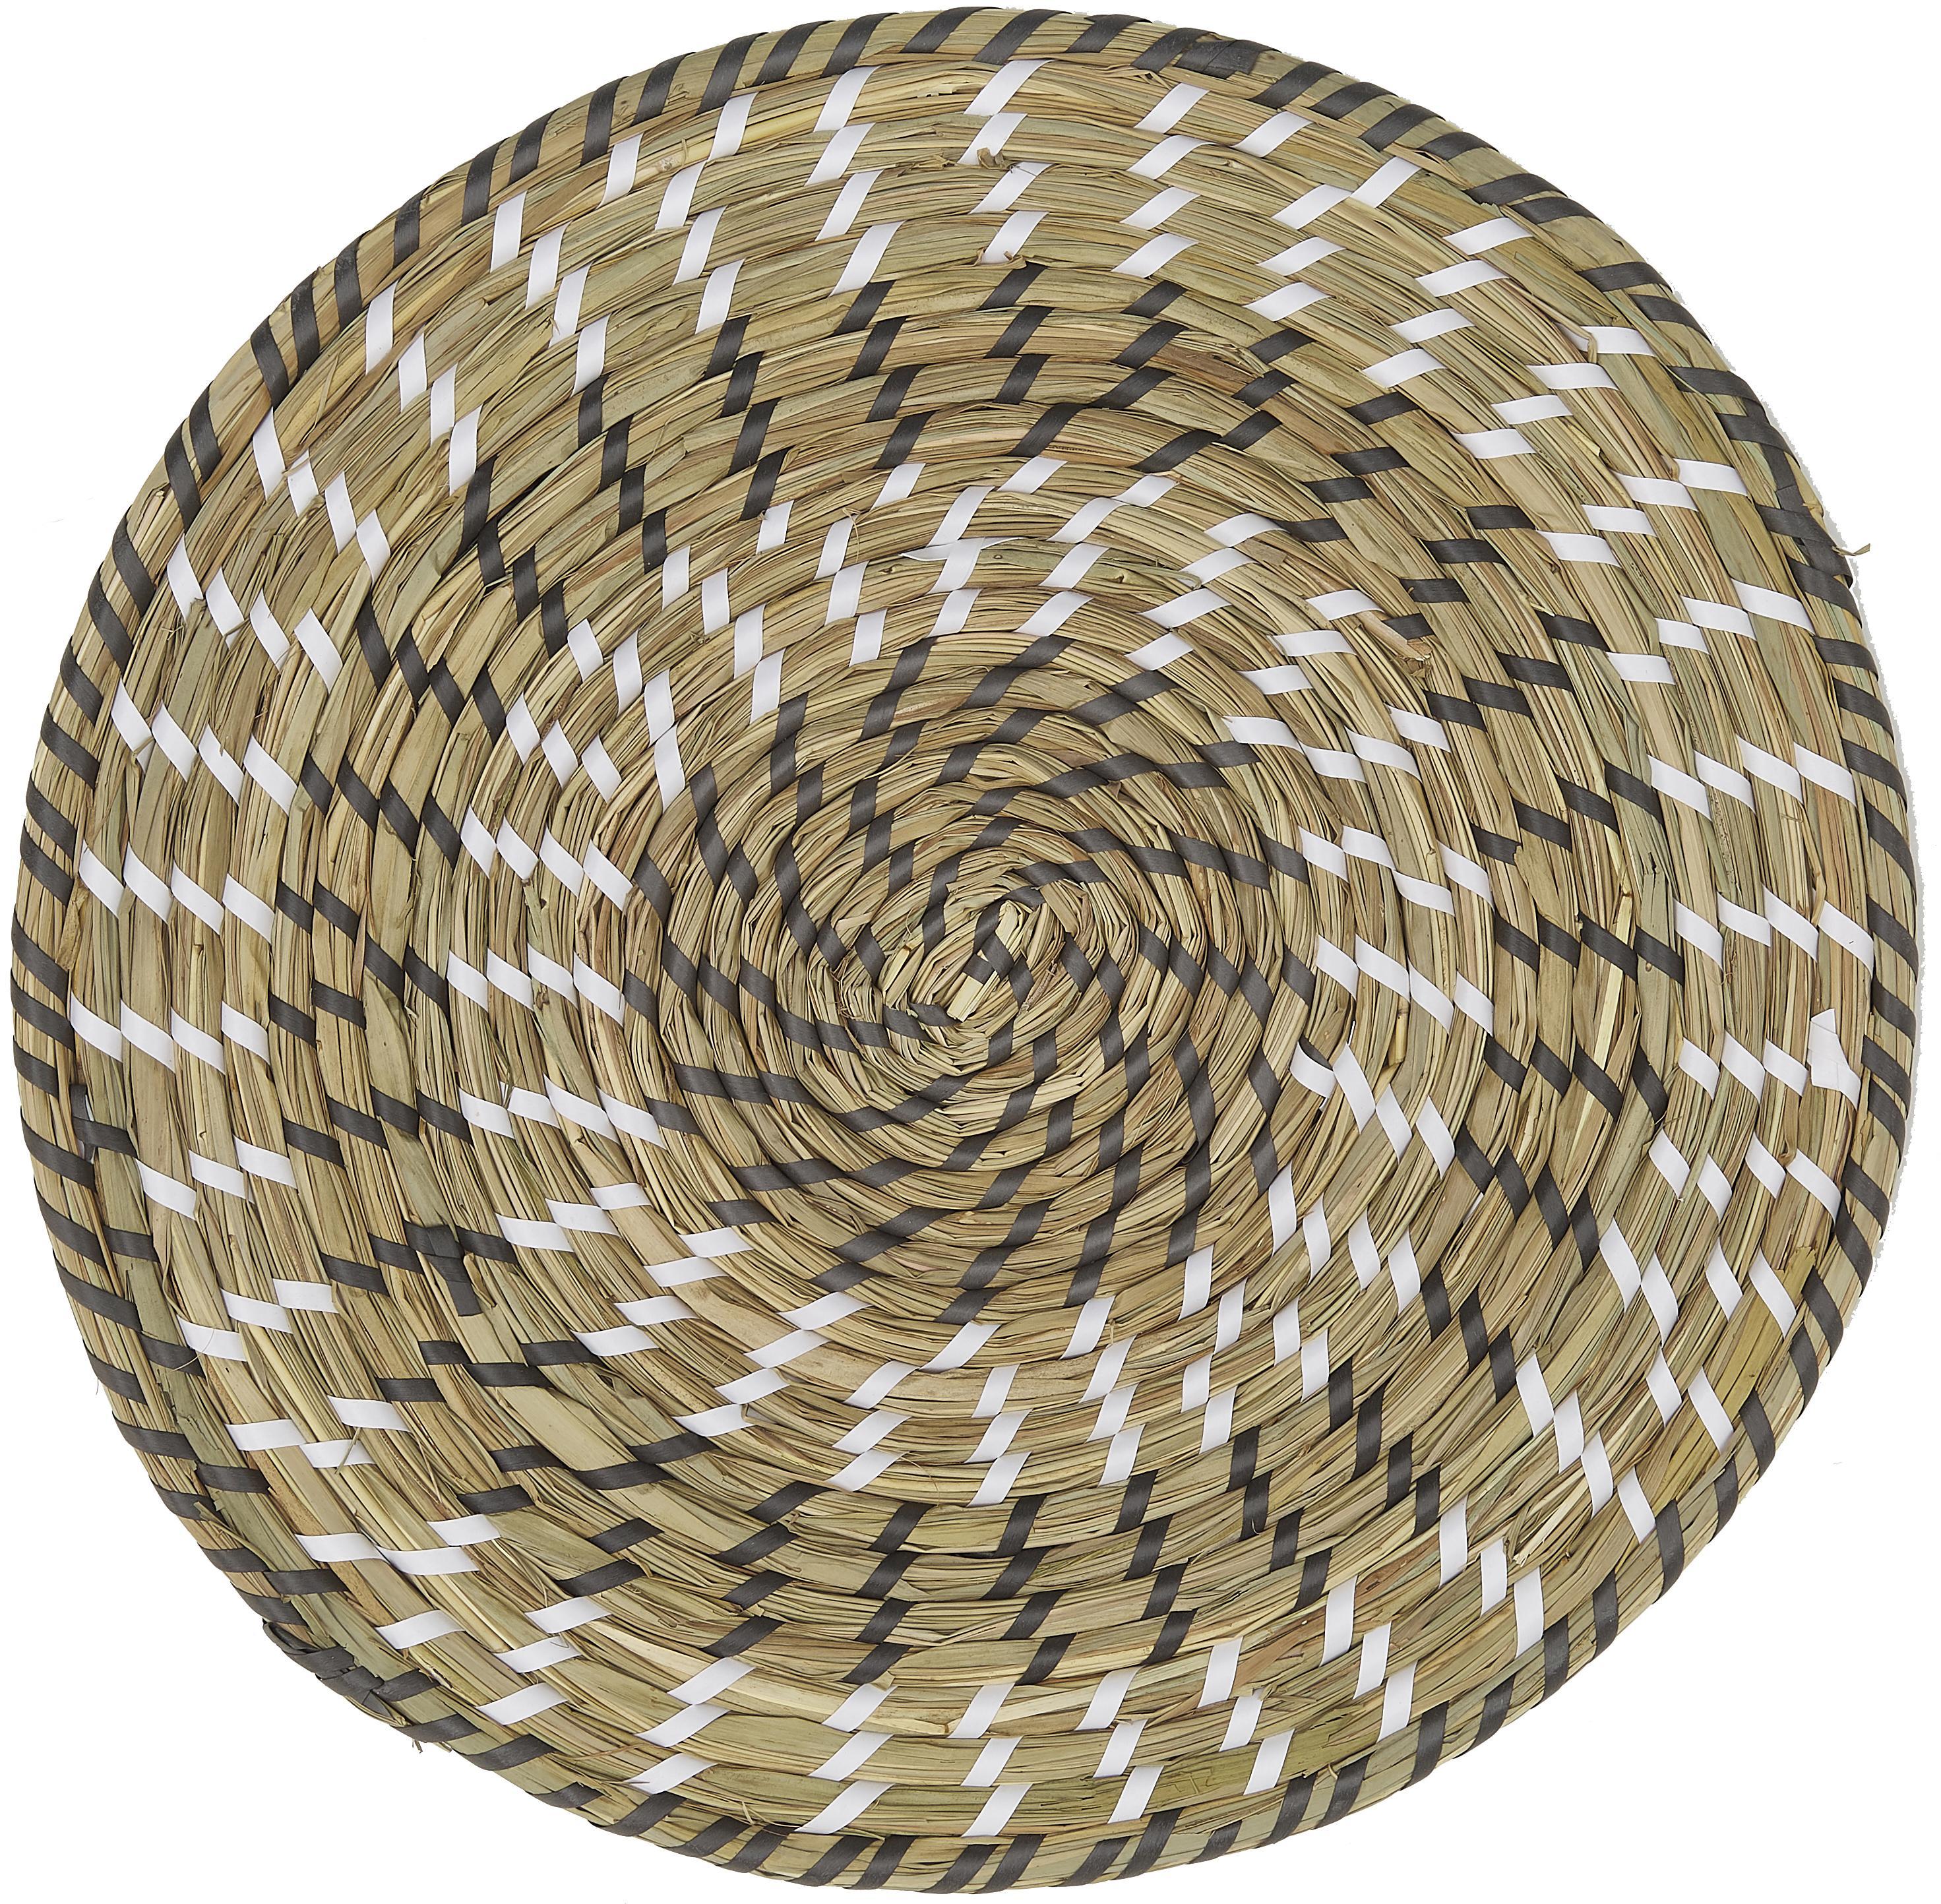 Runde Tischsets Mexico aus Naturfasern, 6er Set, Stroh, Mehrfarbig, Ø 38 cm